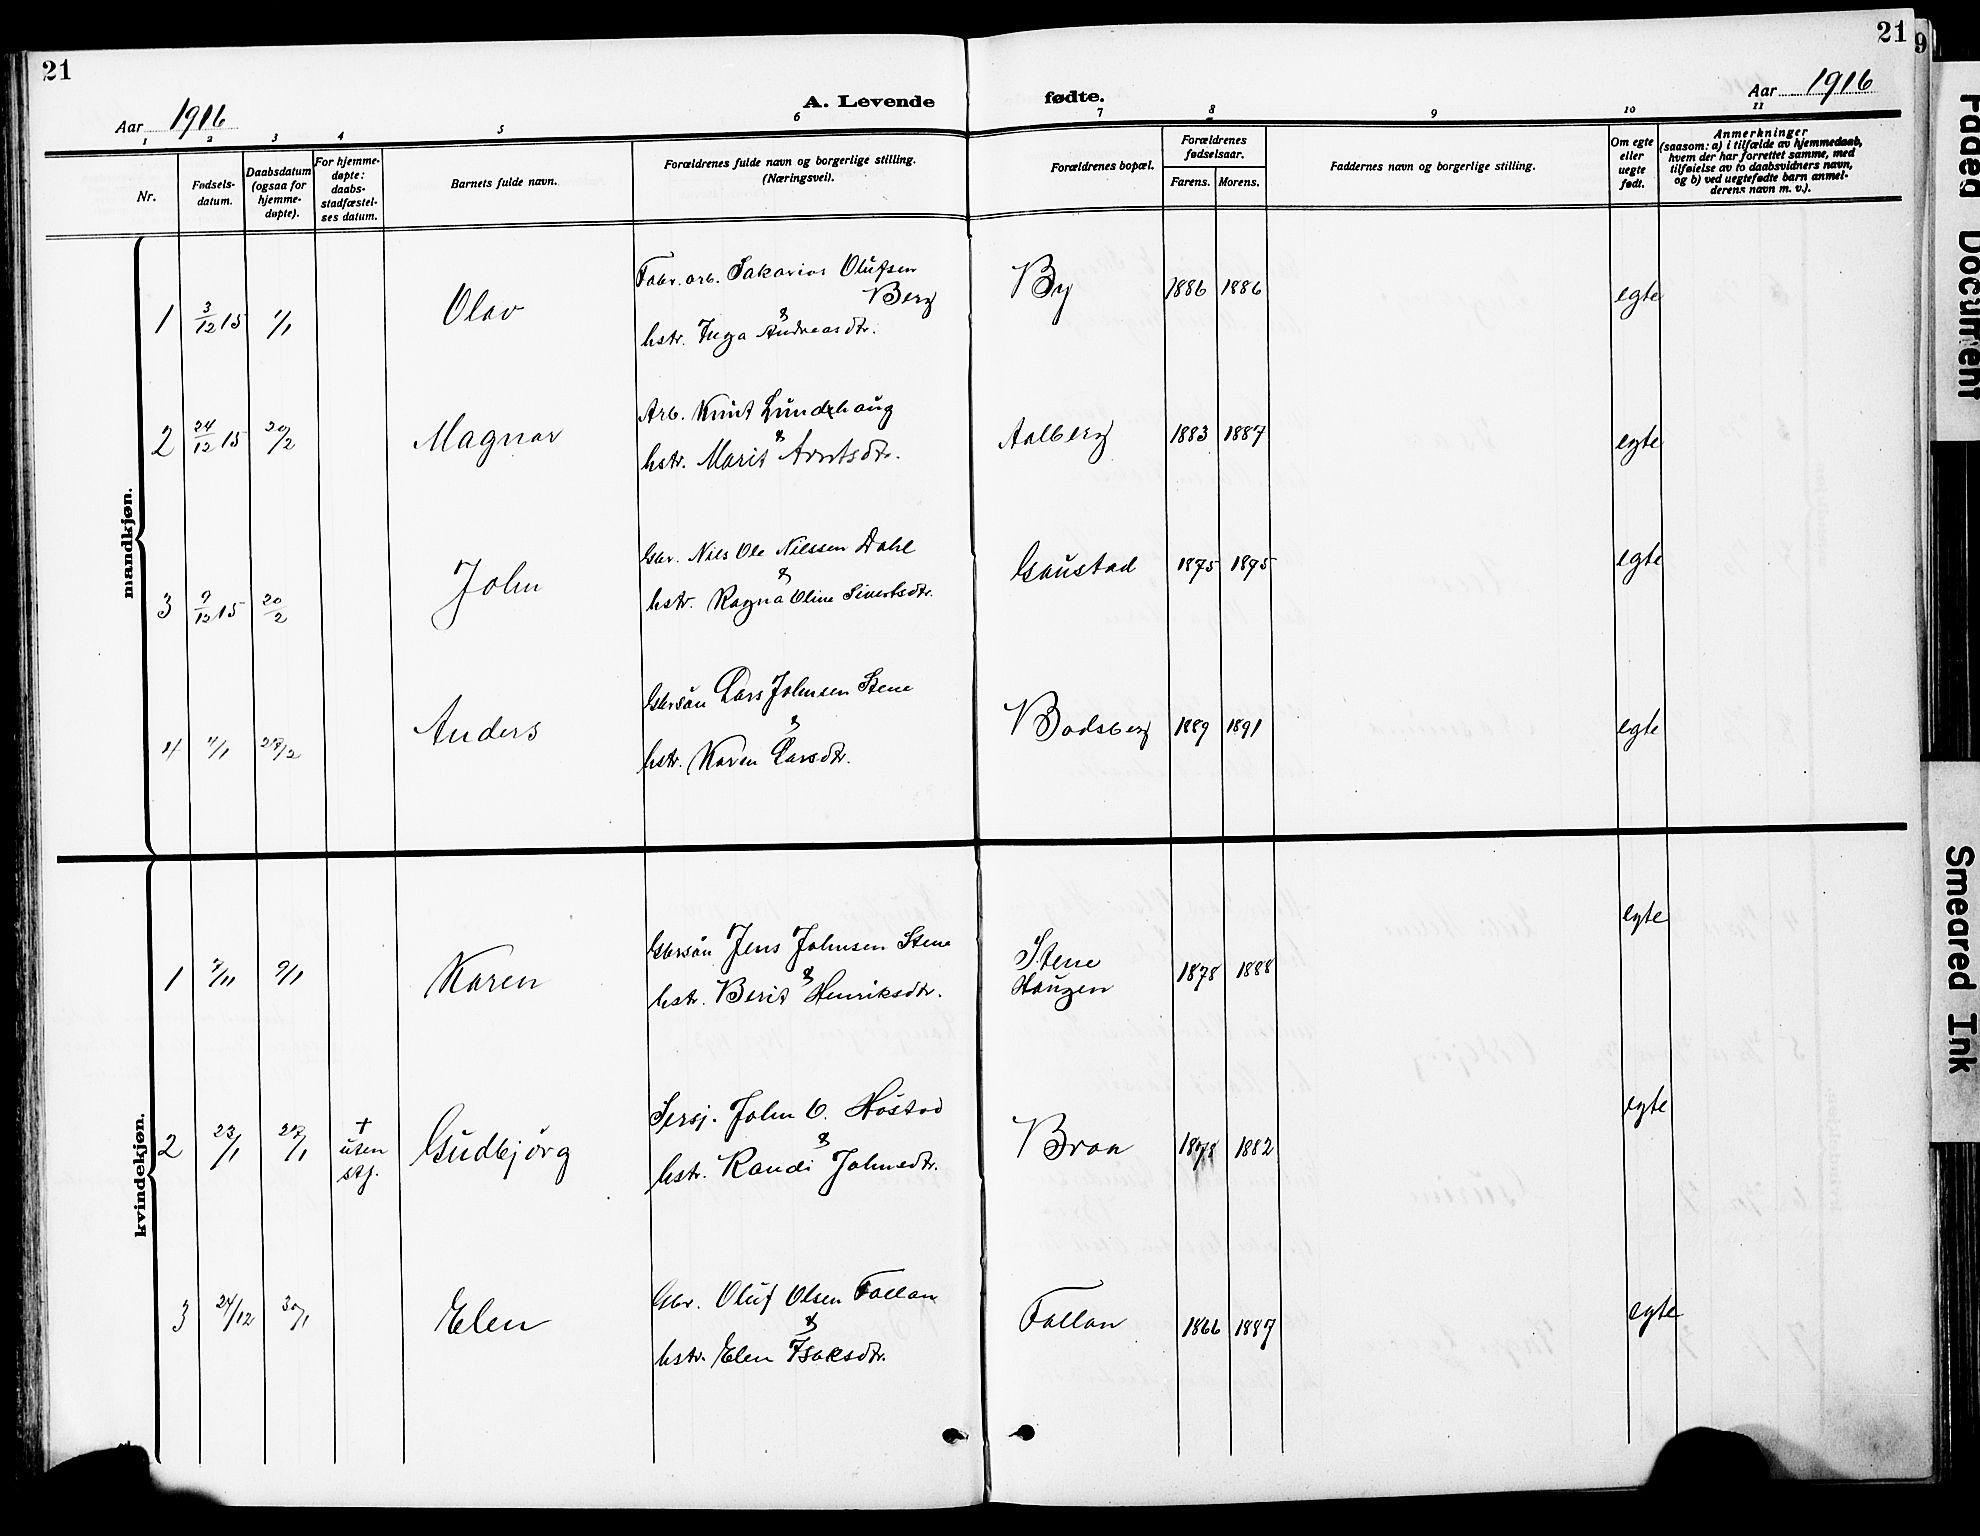 SAT, Ministerialprotokoller, klokkerbøker og fødselsregistre - Sør-Trøndelag, 612/L0388: Klokkerbok nr. 612C04, 1909-1929, s. 21